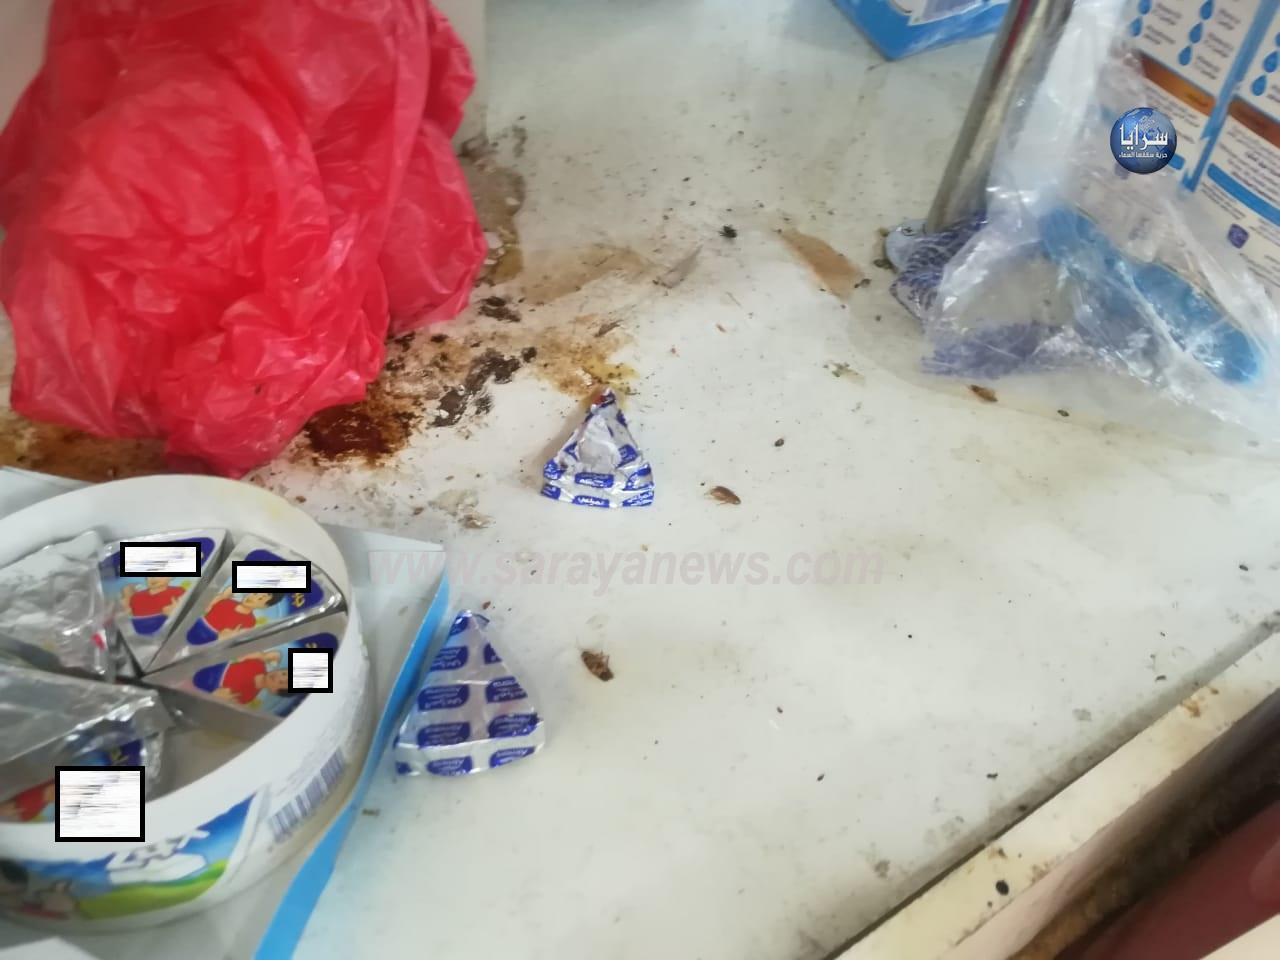 بالصور ..   أبناء الكرك يناشدون إنقاذ المنشآت الغذائية من الحشرات و المكاره الصحية